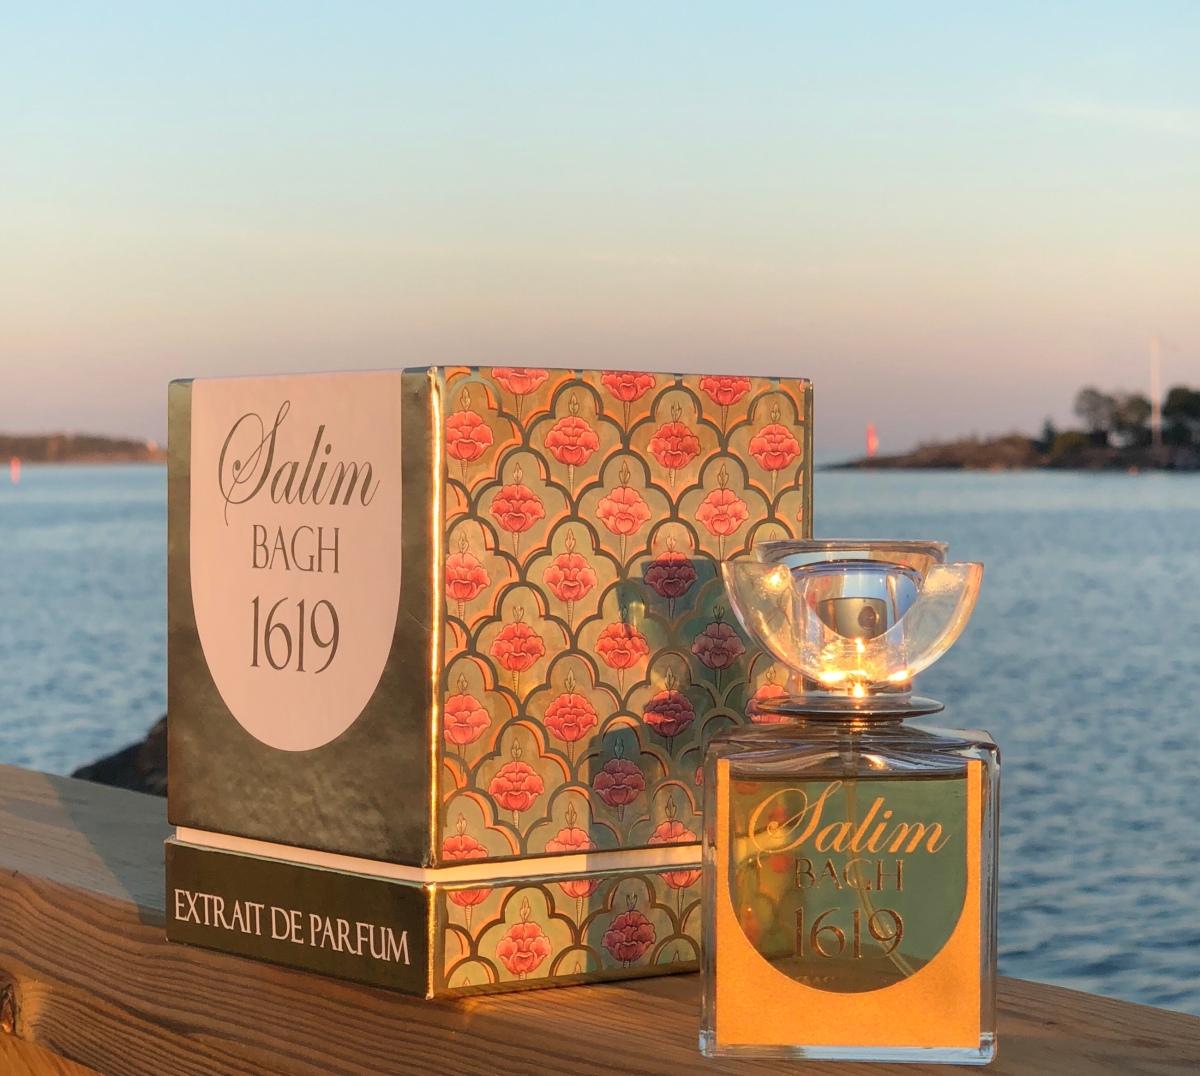 Komsi hösten - jag är redo nu! Salim Bagh 1619 av Tabacora Parfums